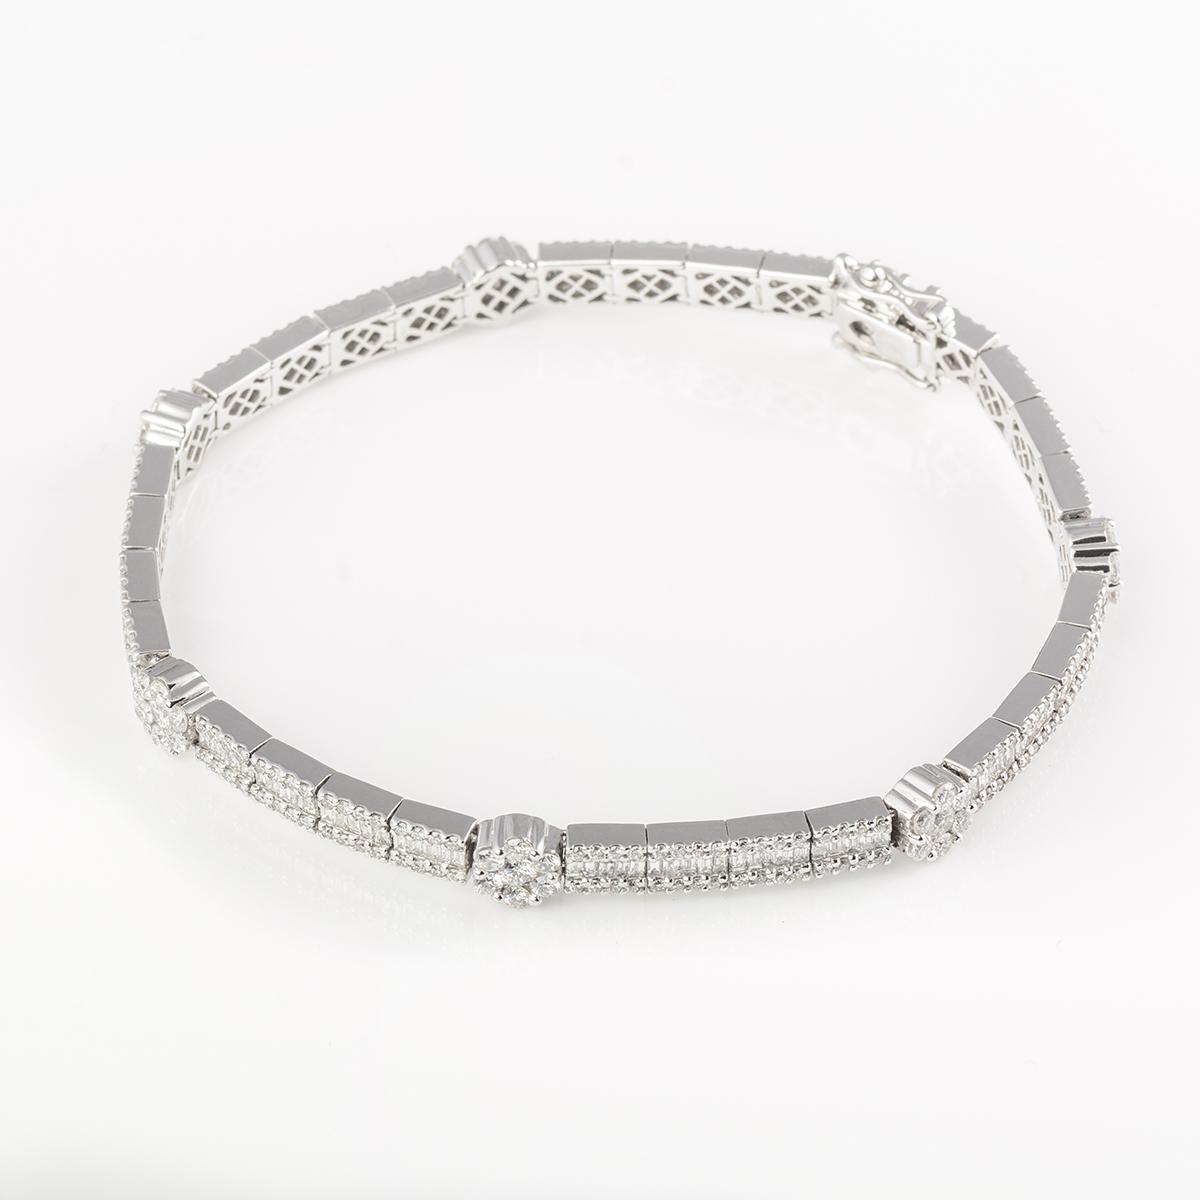 8dce5caac70b Pulsera oro blanco y diamantes – Asscher Joyas